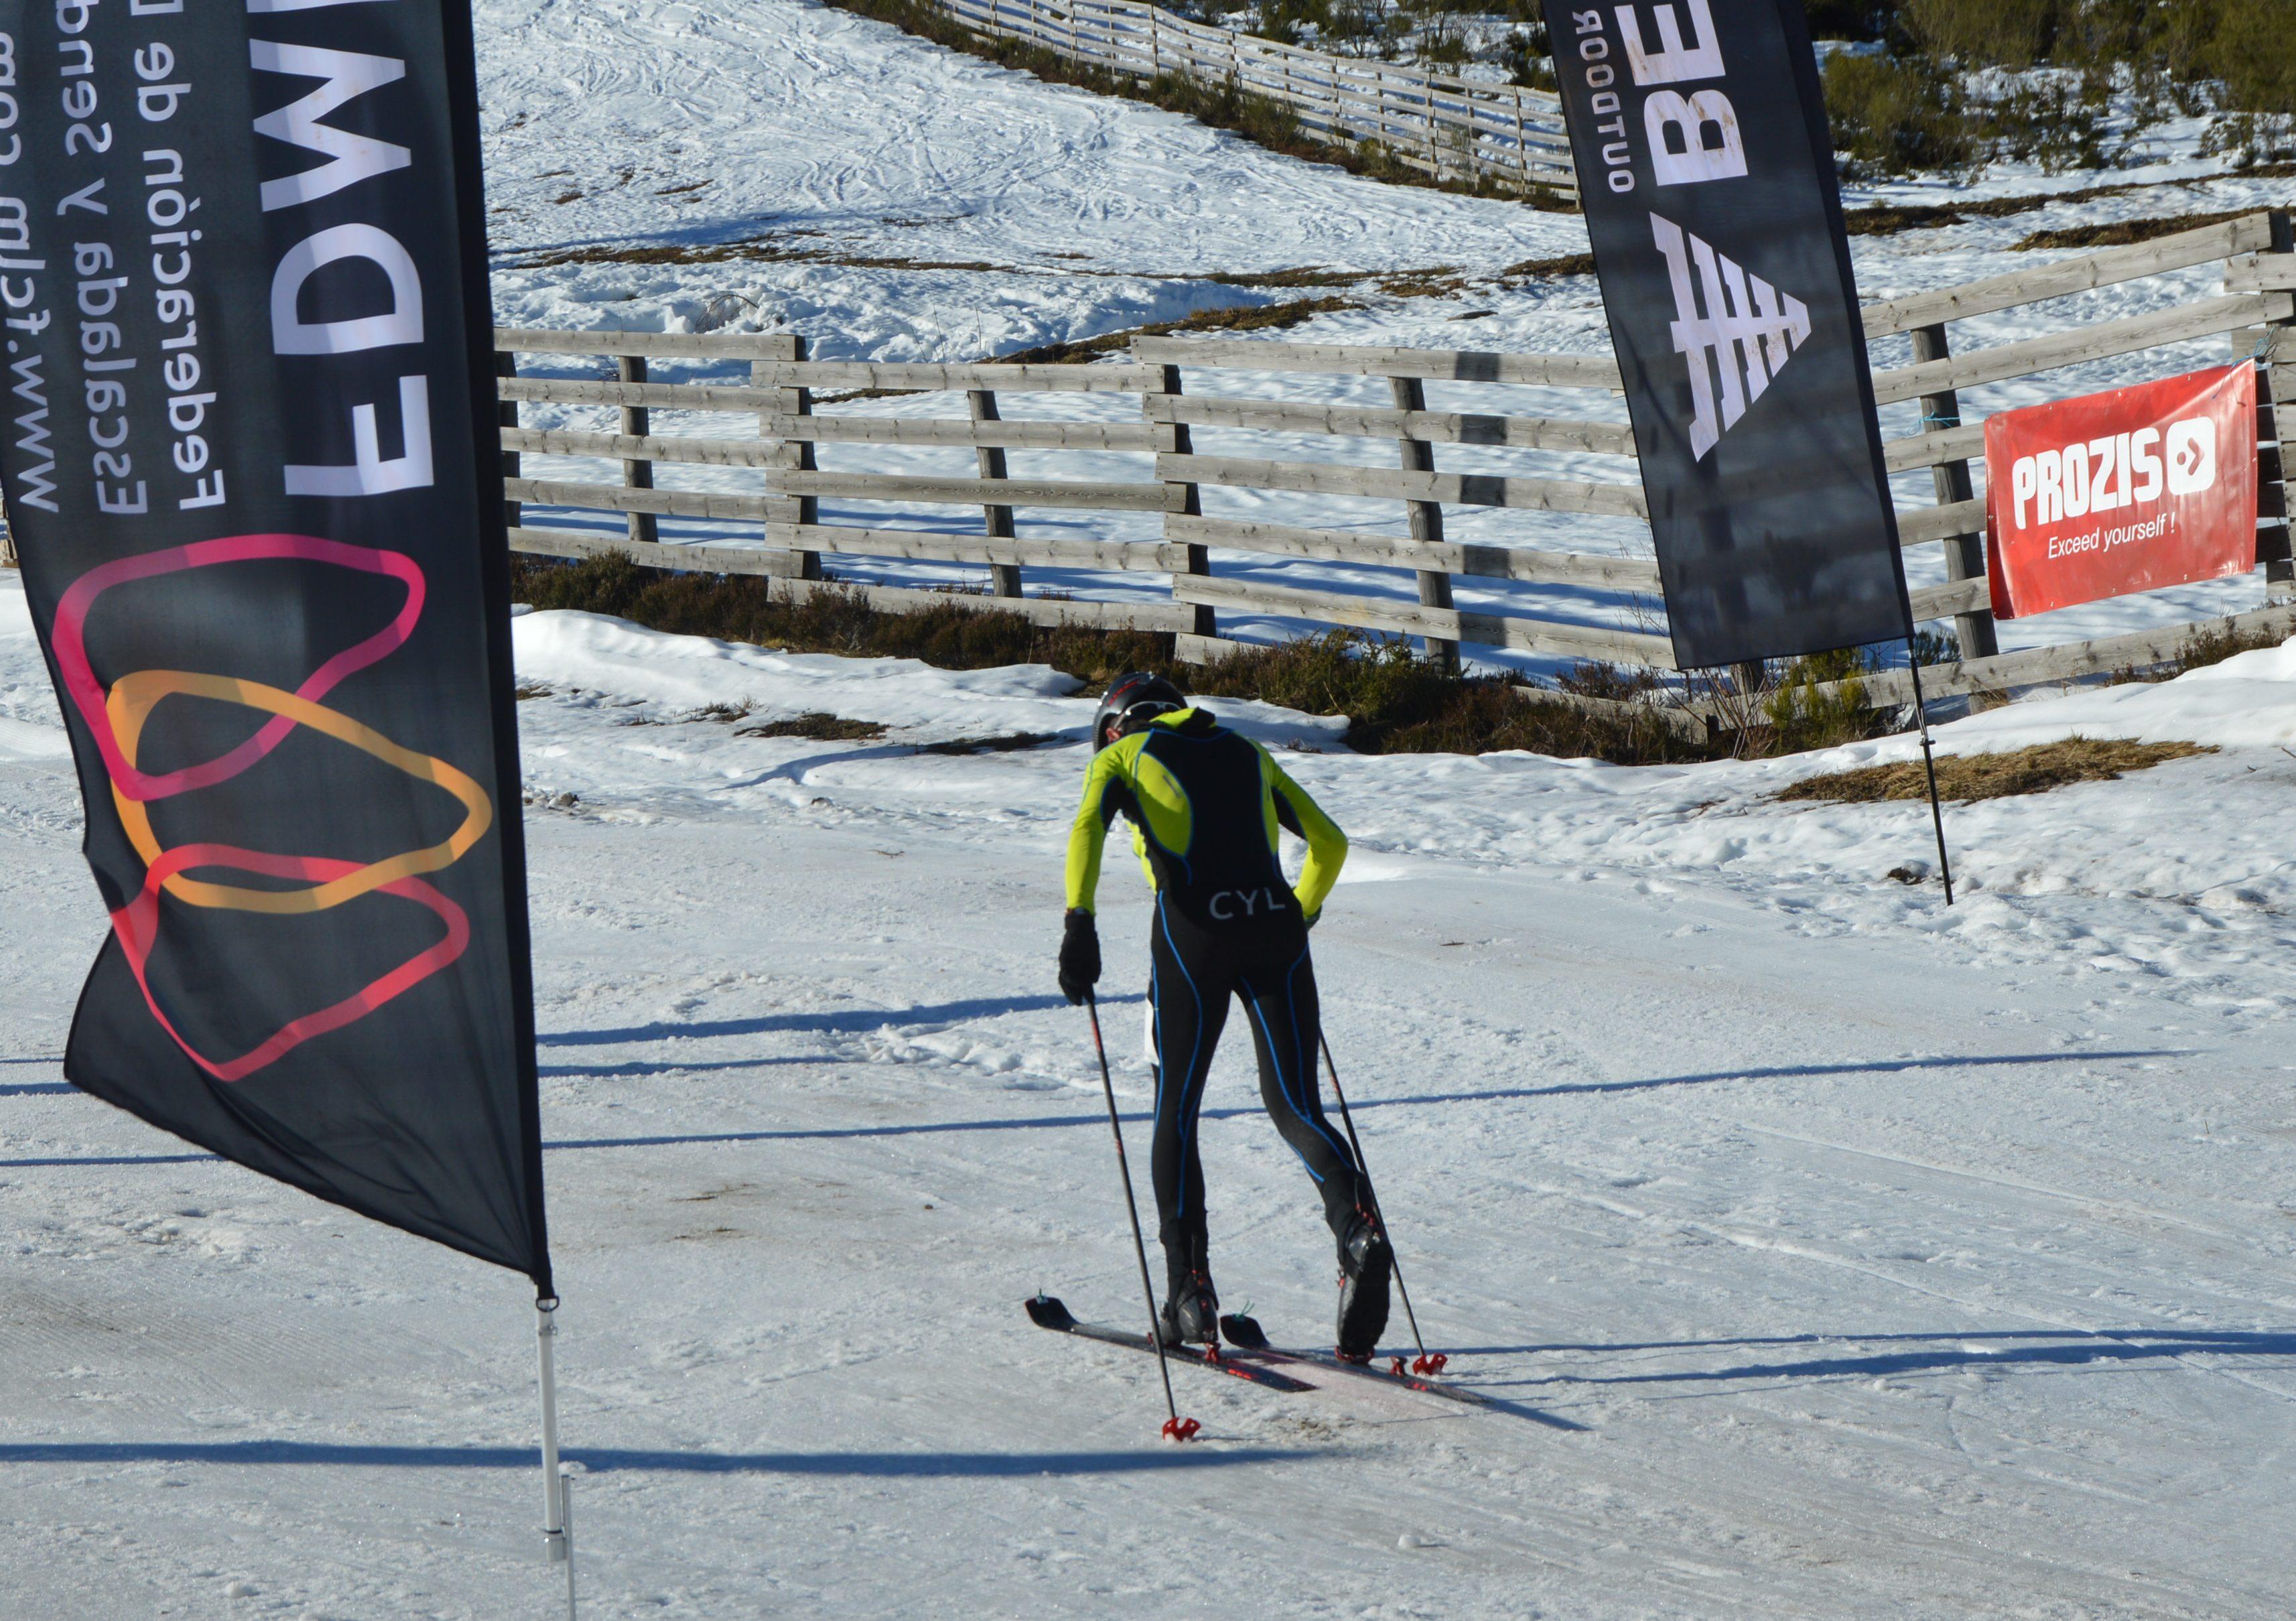 El Campeonato de Cronoescalada, reprogramado dentro del Ski Montaña Palentina